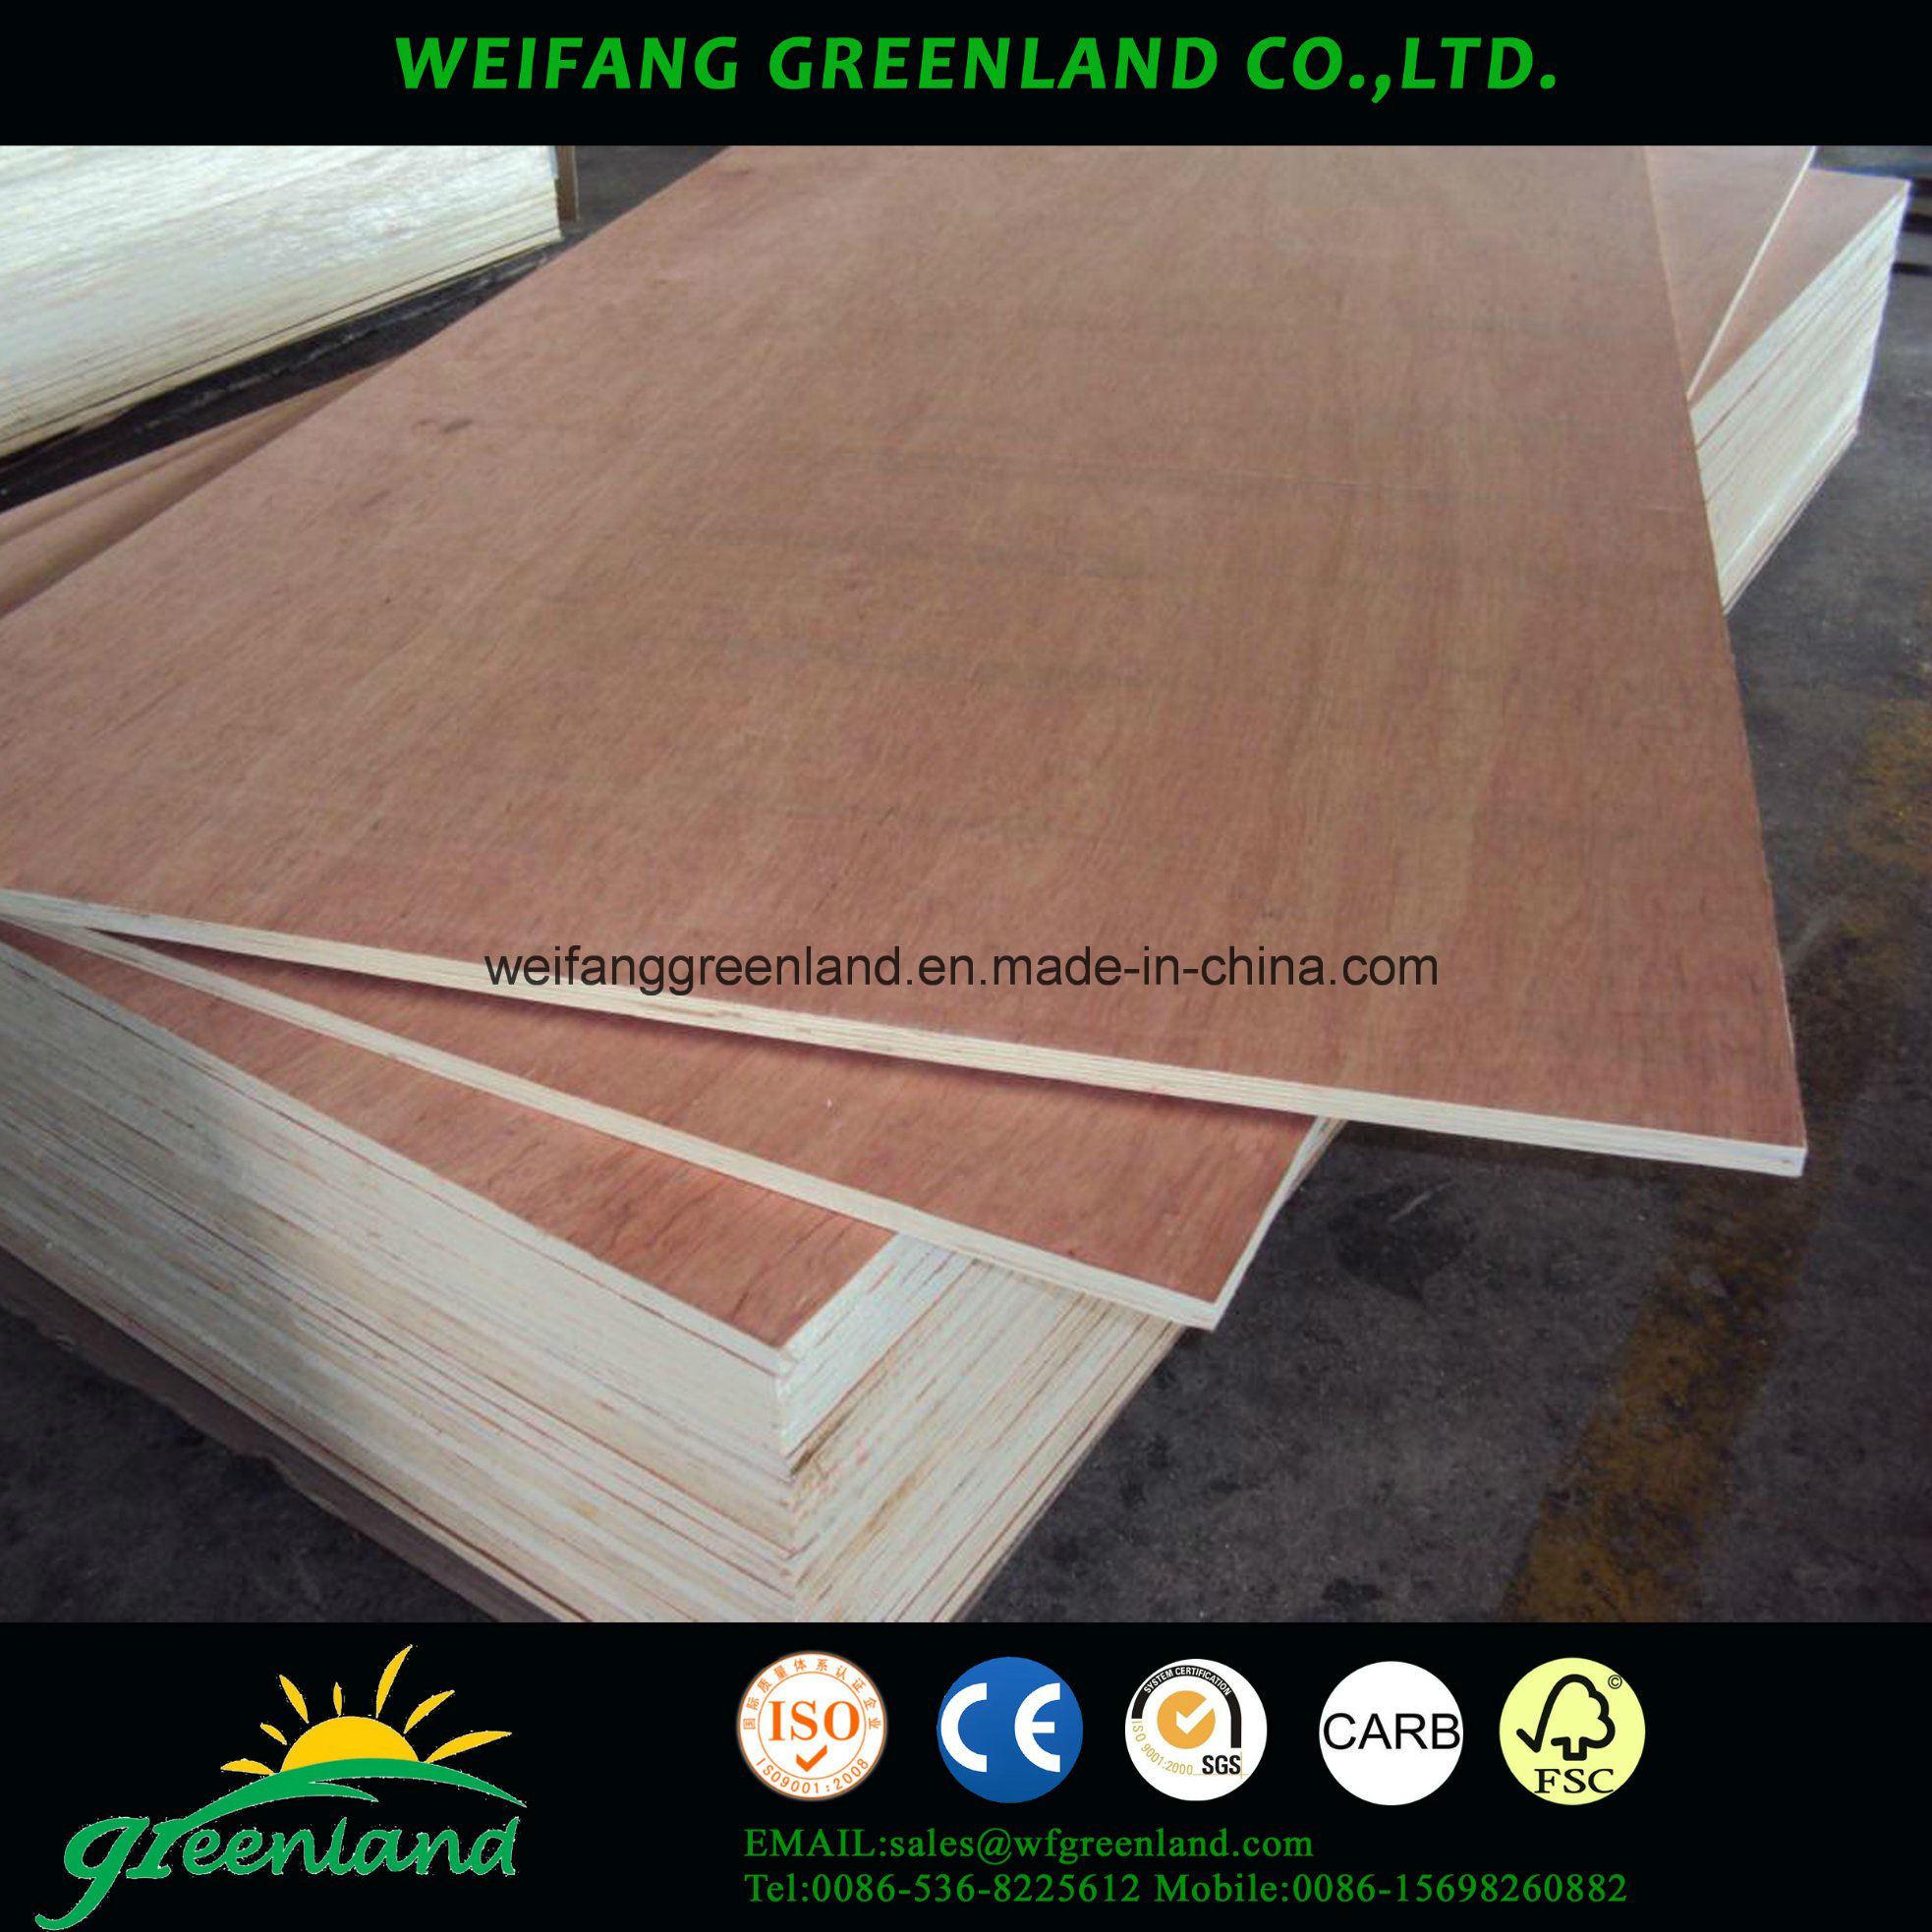 Bintangor Film Plywood with High Quality Poplar Core, Mr Glue